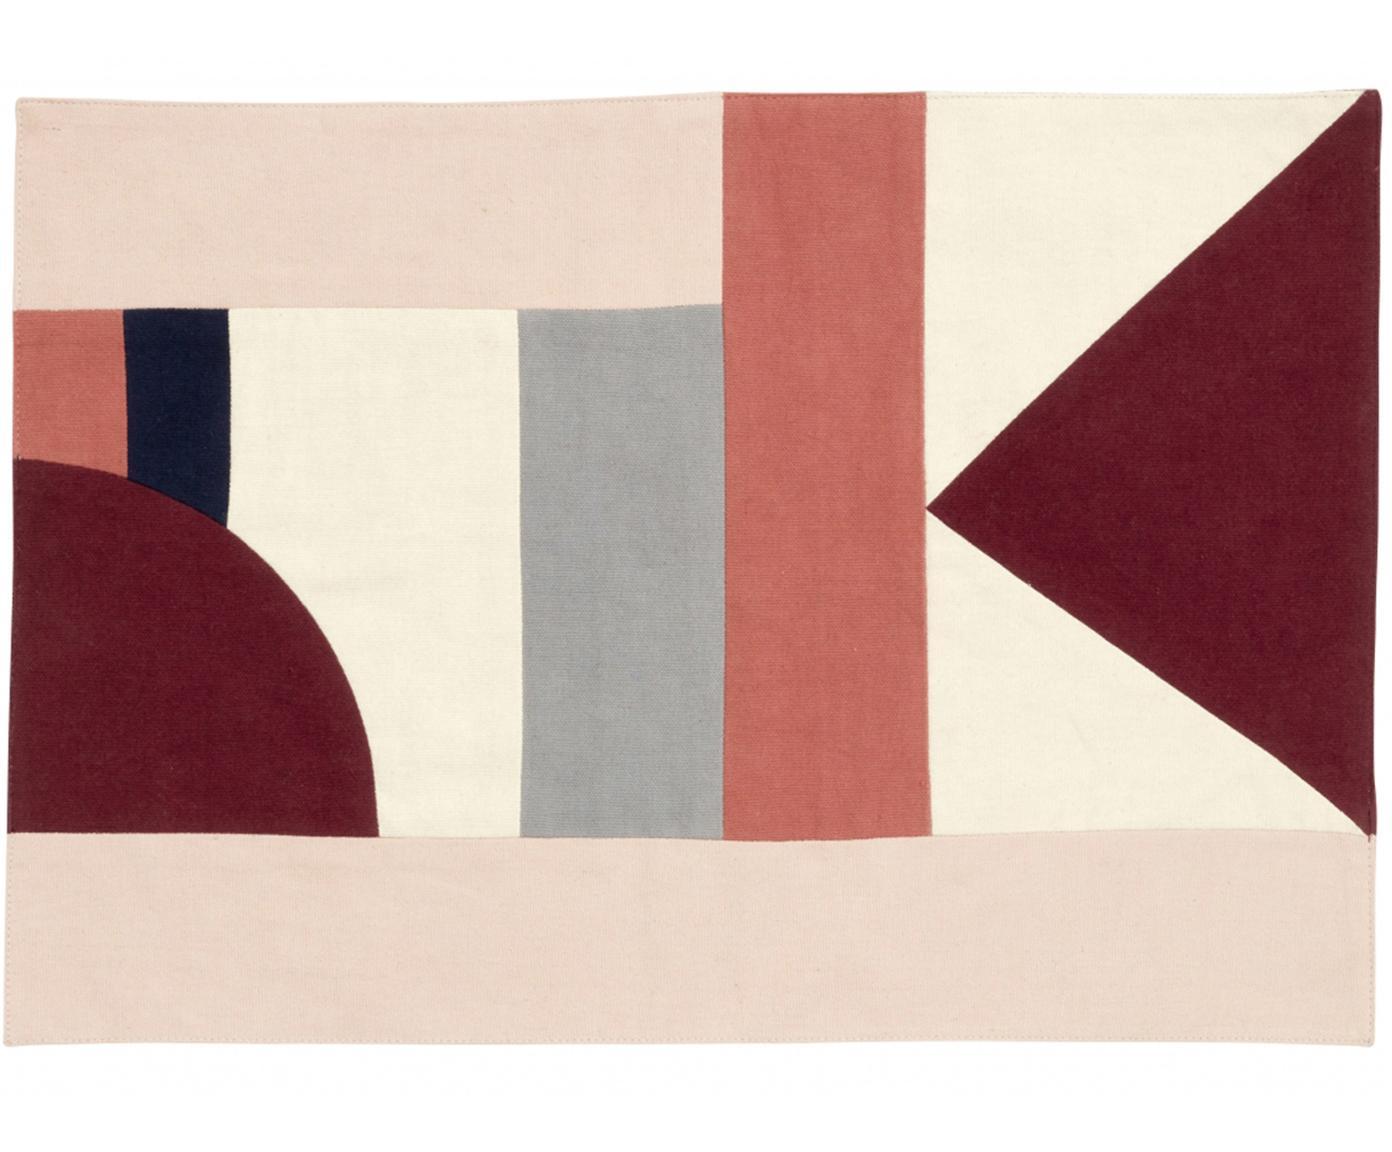 Placemats Patchwork, 2 stuks, Katoen, Roodtinten, beigetinten, zwart, 48 x 0 cm